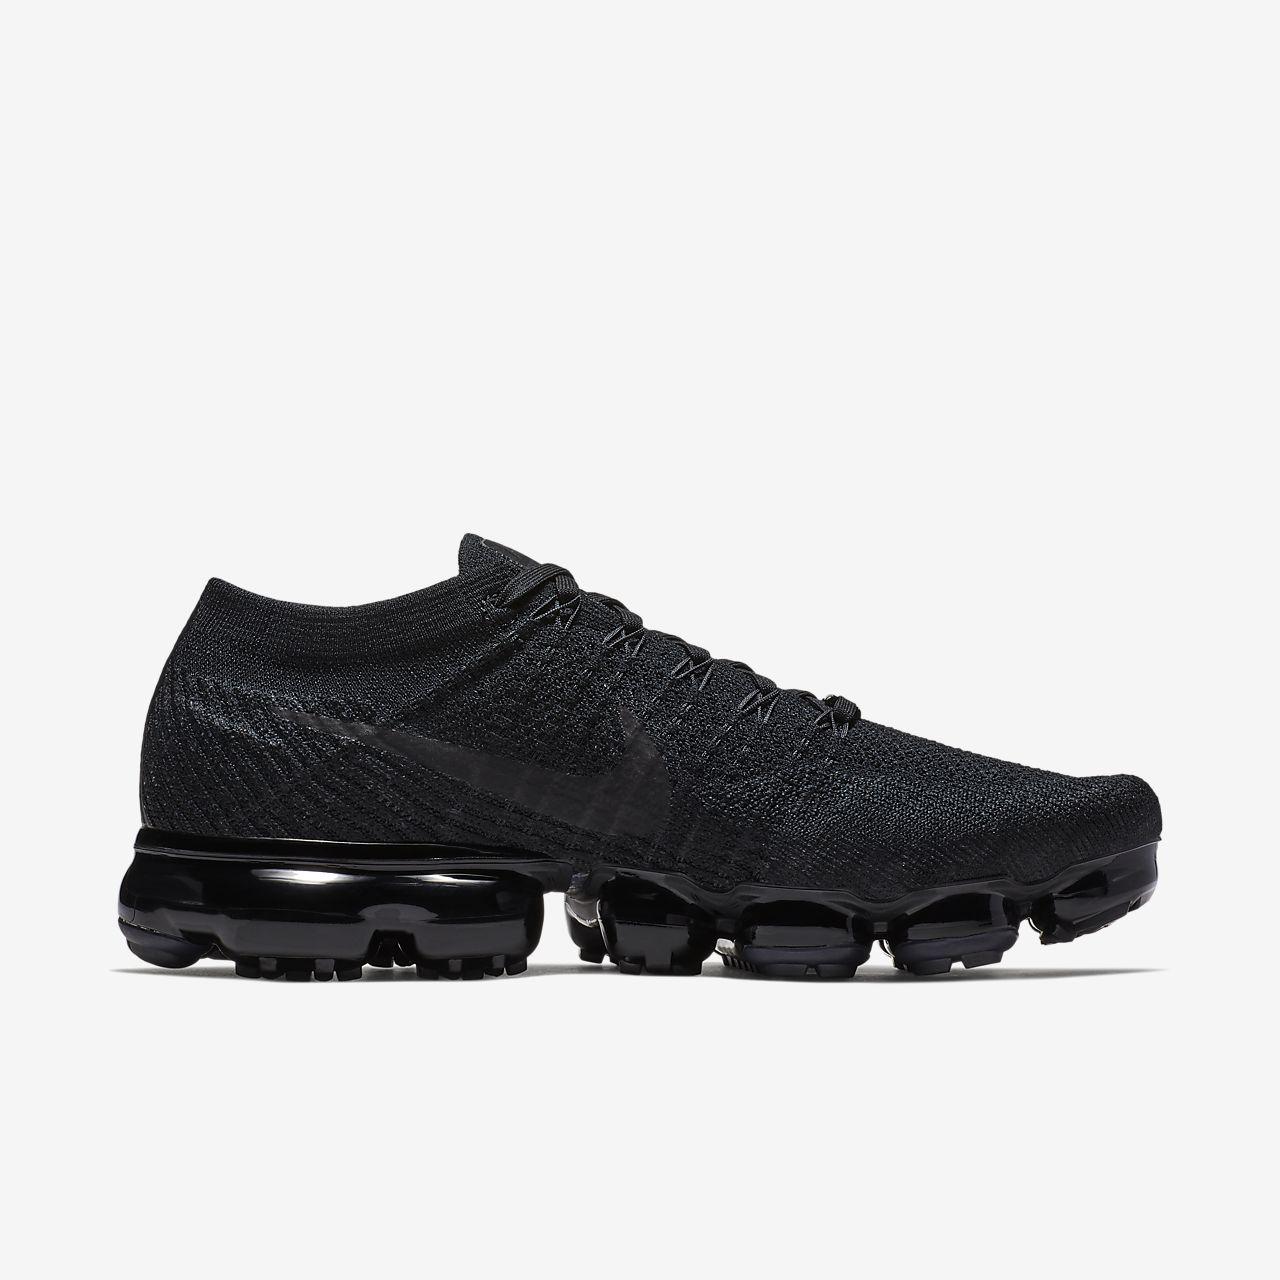 air vapormax homme nike air sole,Chaussure Nike Air VaporMax ...